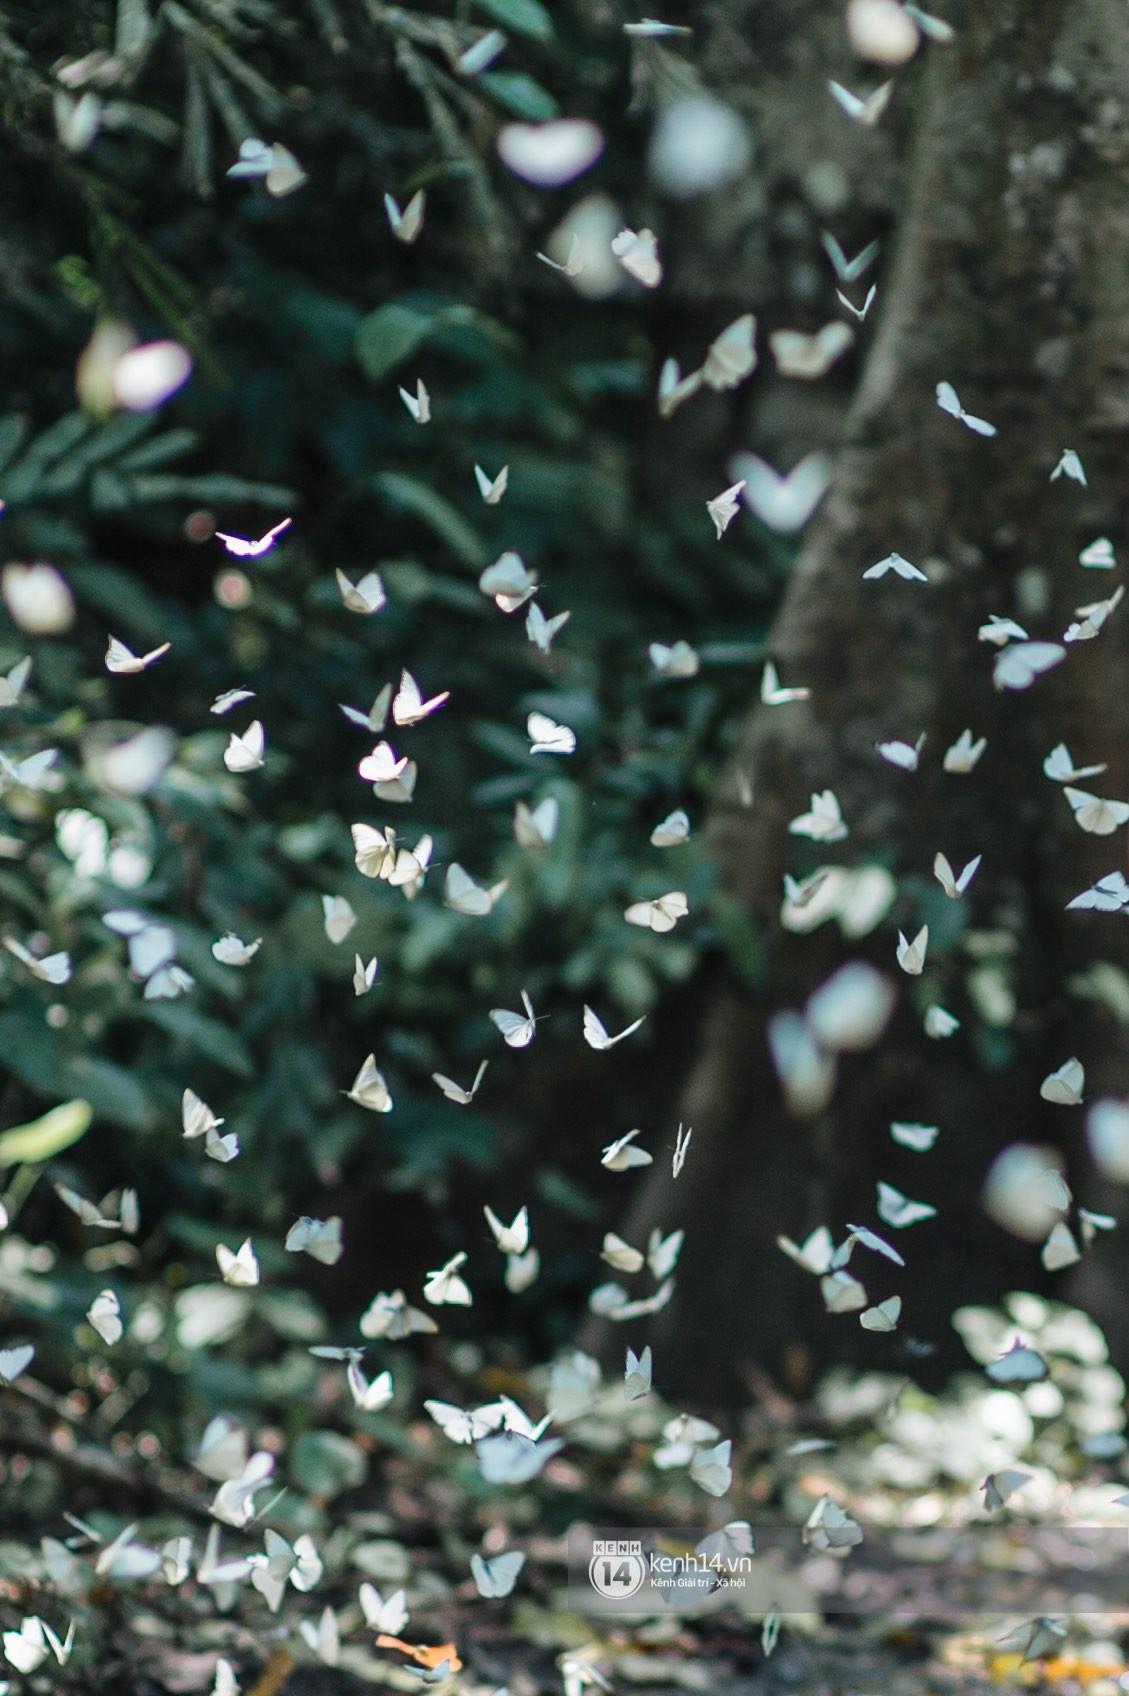 Chuyến đi Cúc Phương những ngày cuối mùa bướm rừng: Chốn thần tiên có vẻ đẹp riêng của sự muộn màng - Ảnh 9.